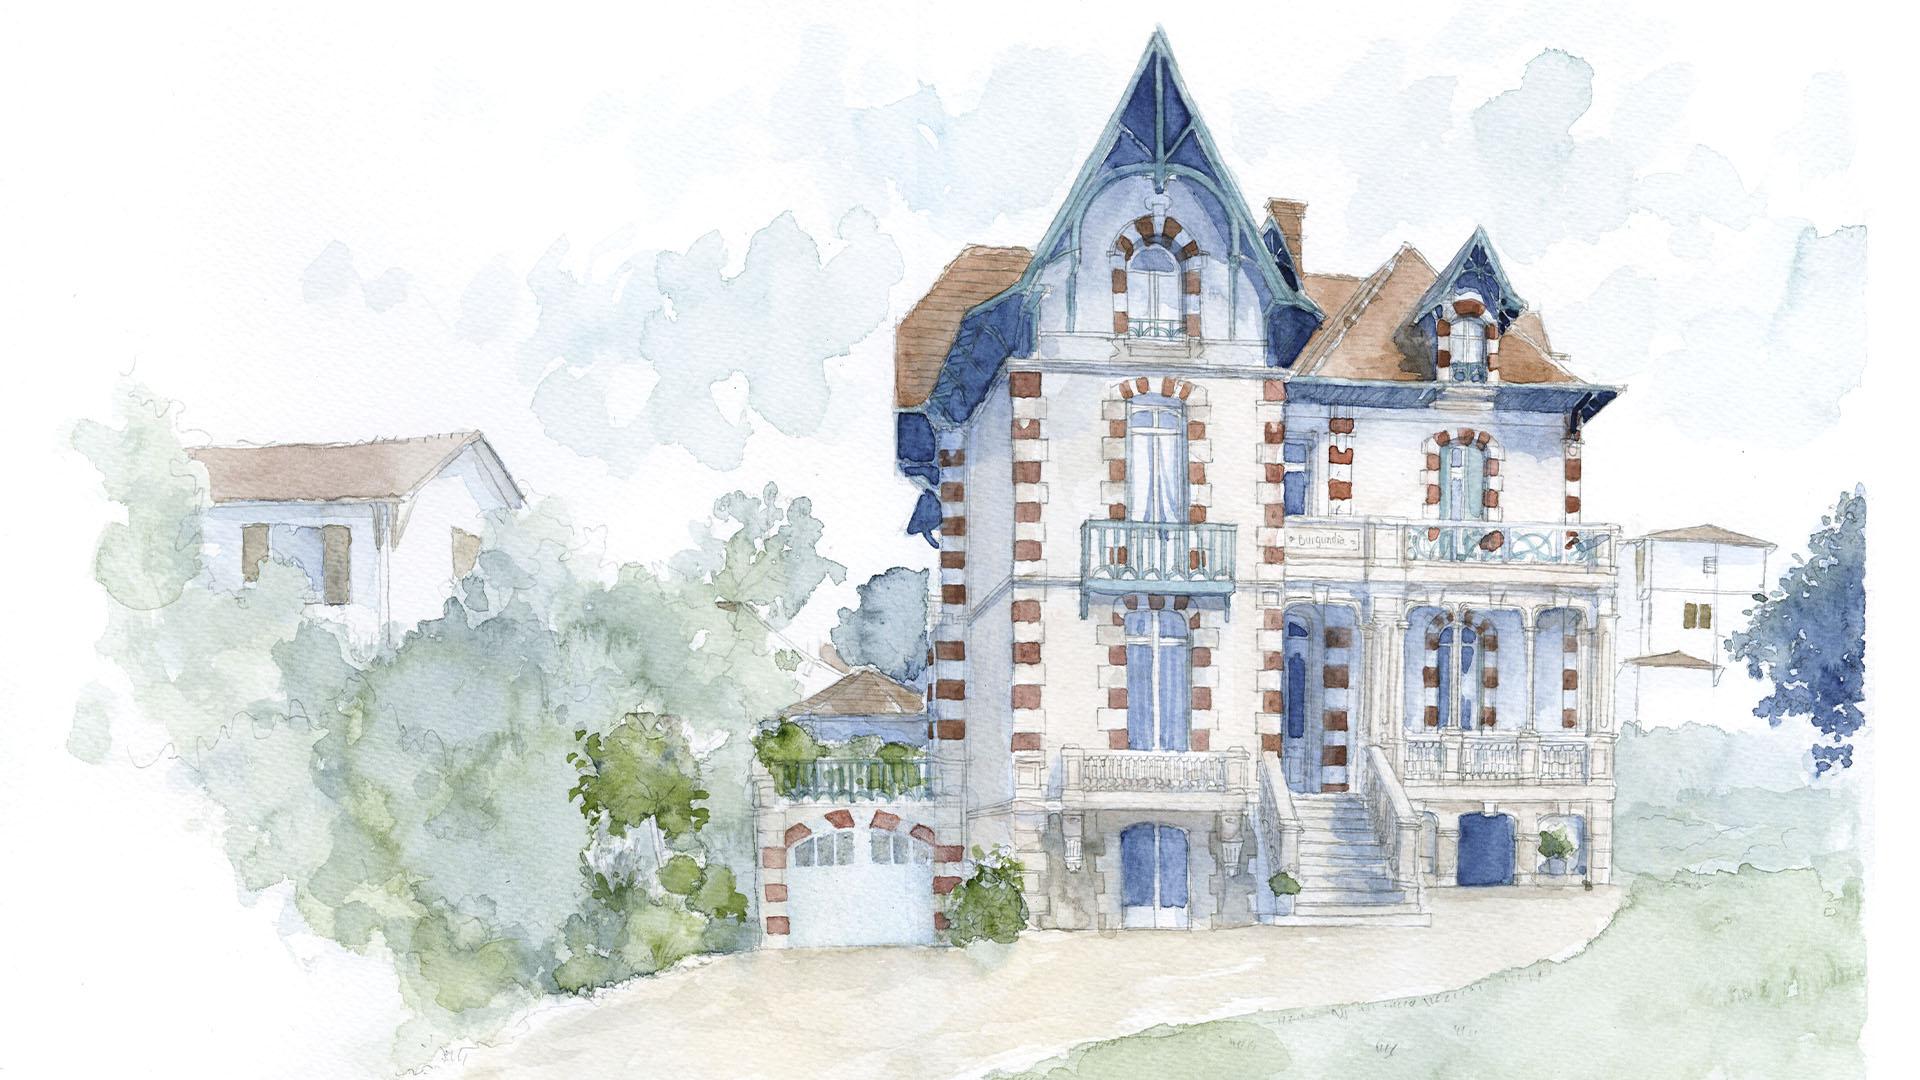 Des aquarelles pour les villas anciennes d'Arcachon